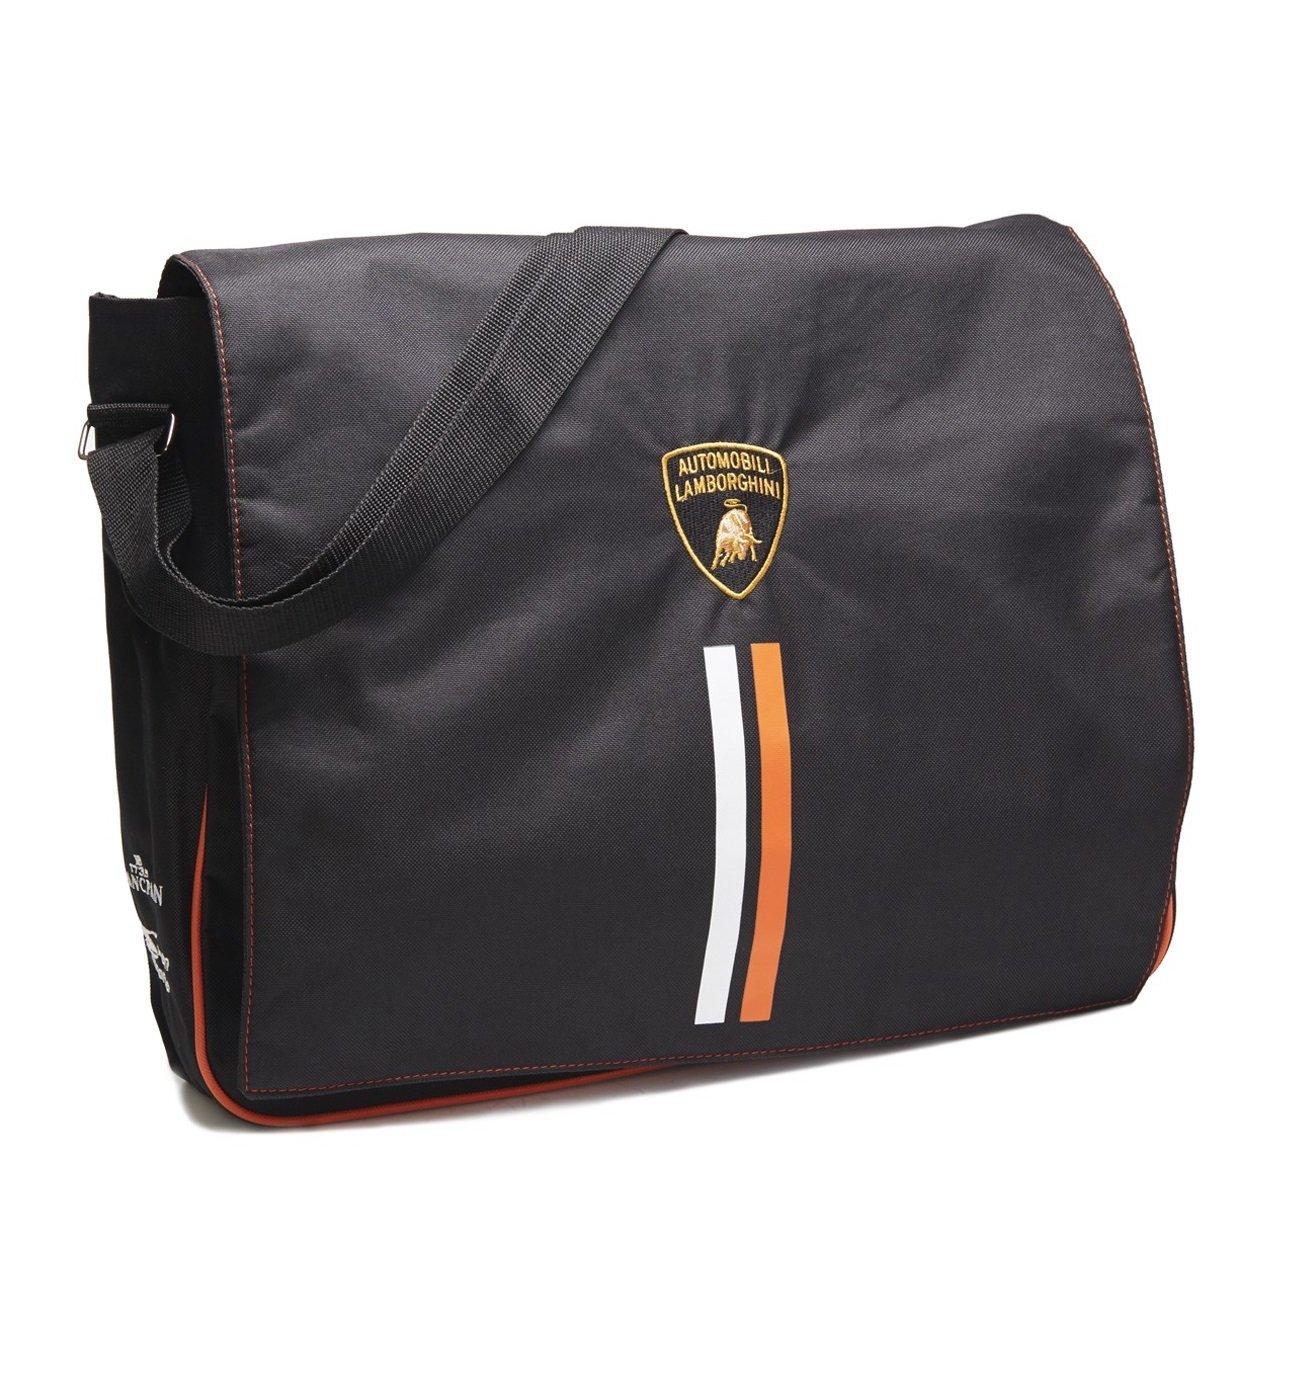 Hermosos bolsos para lucirhttps://amzn.to/2DRPg32